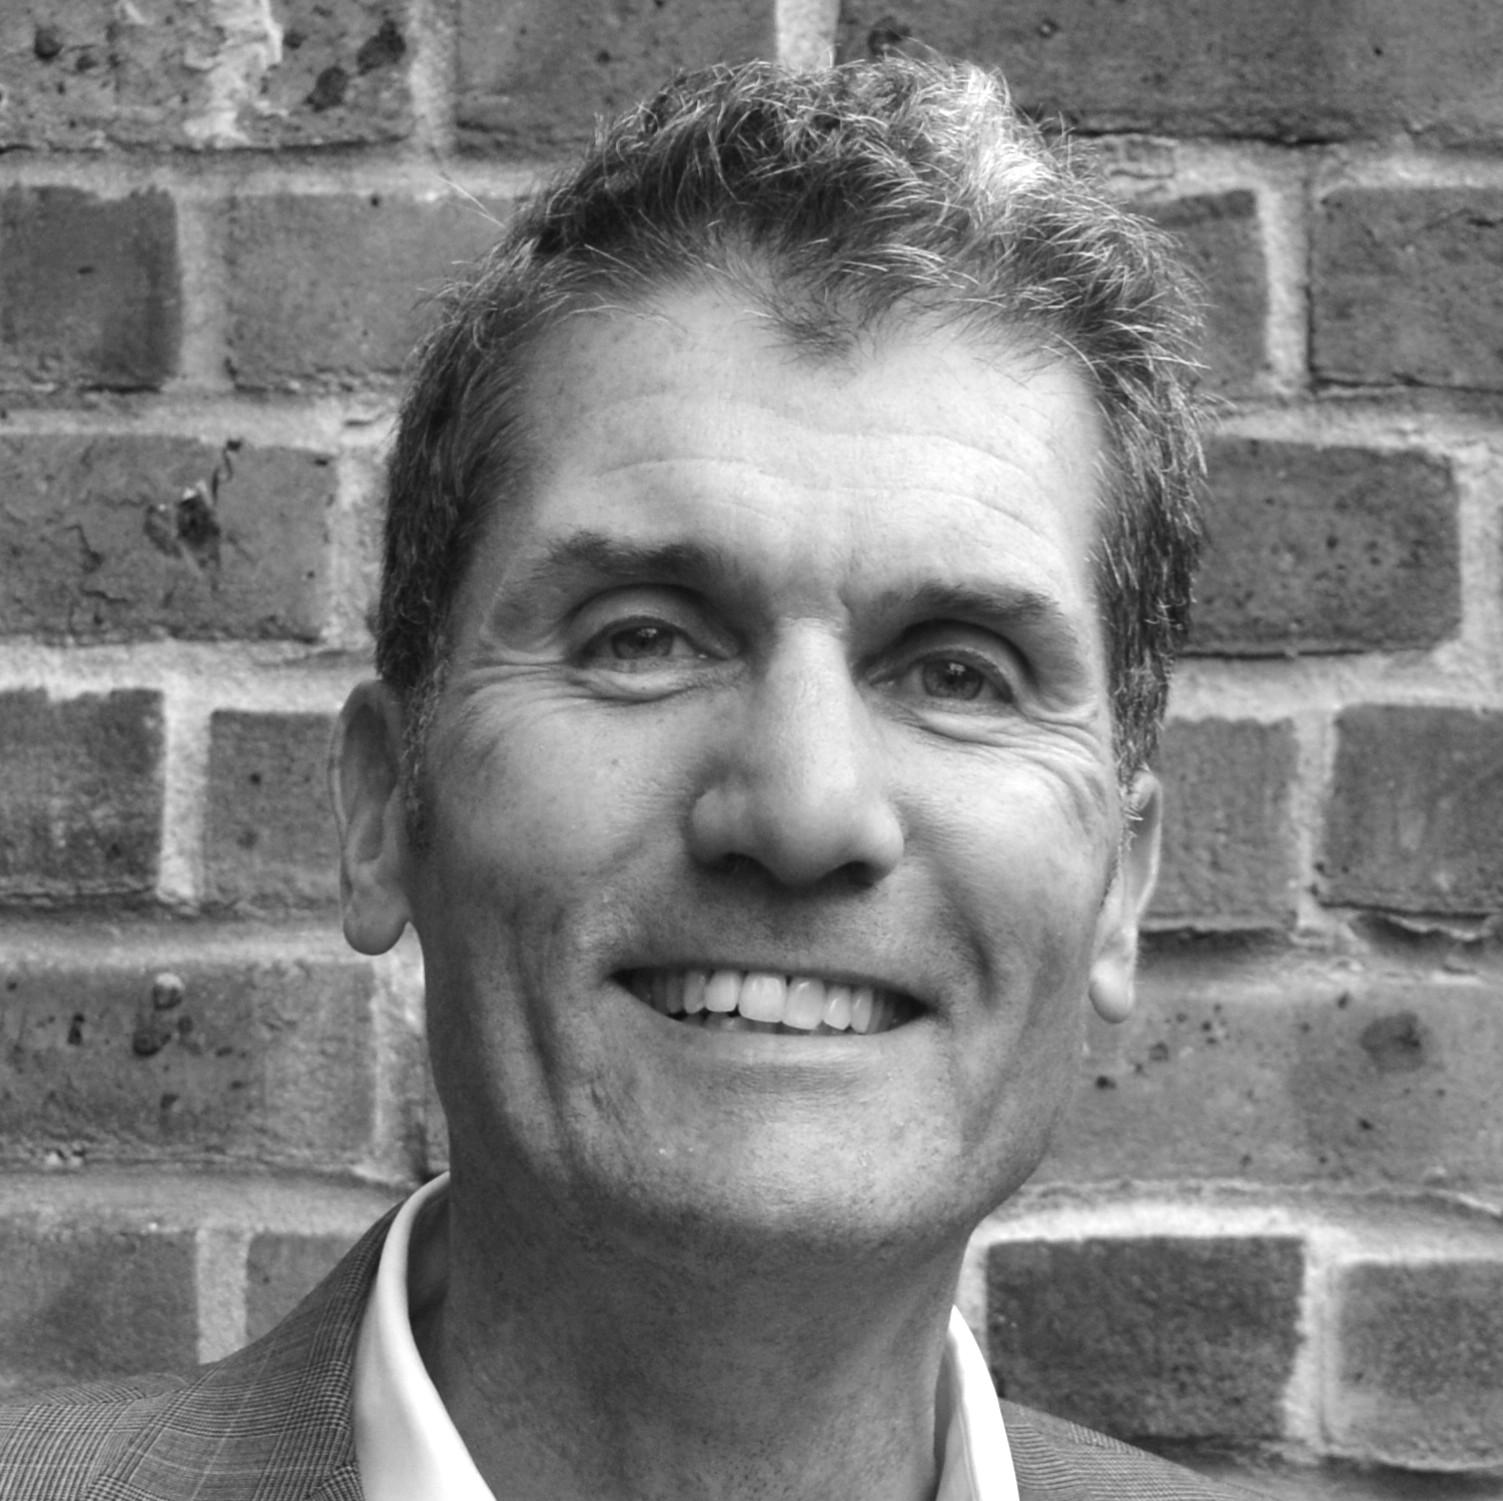 Guy Rigden